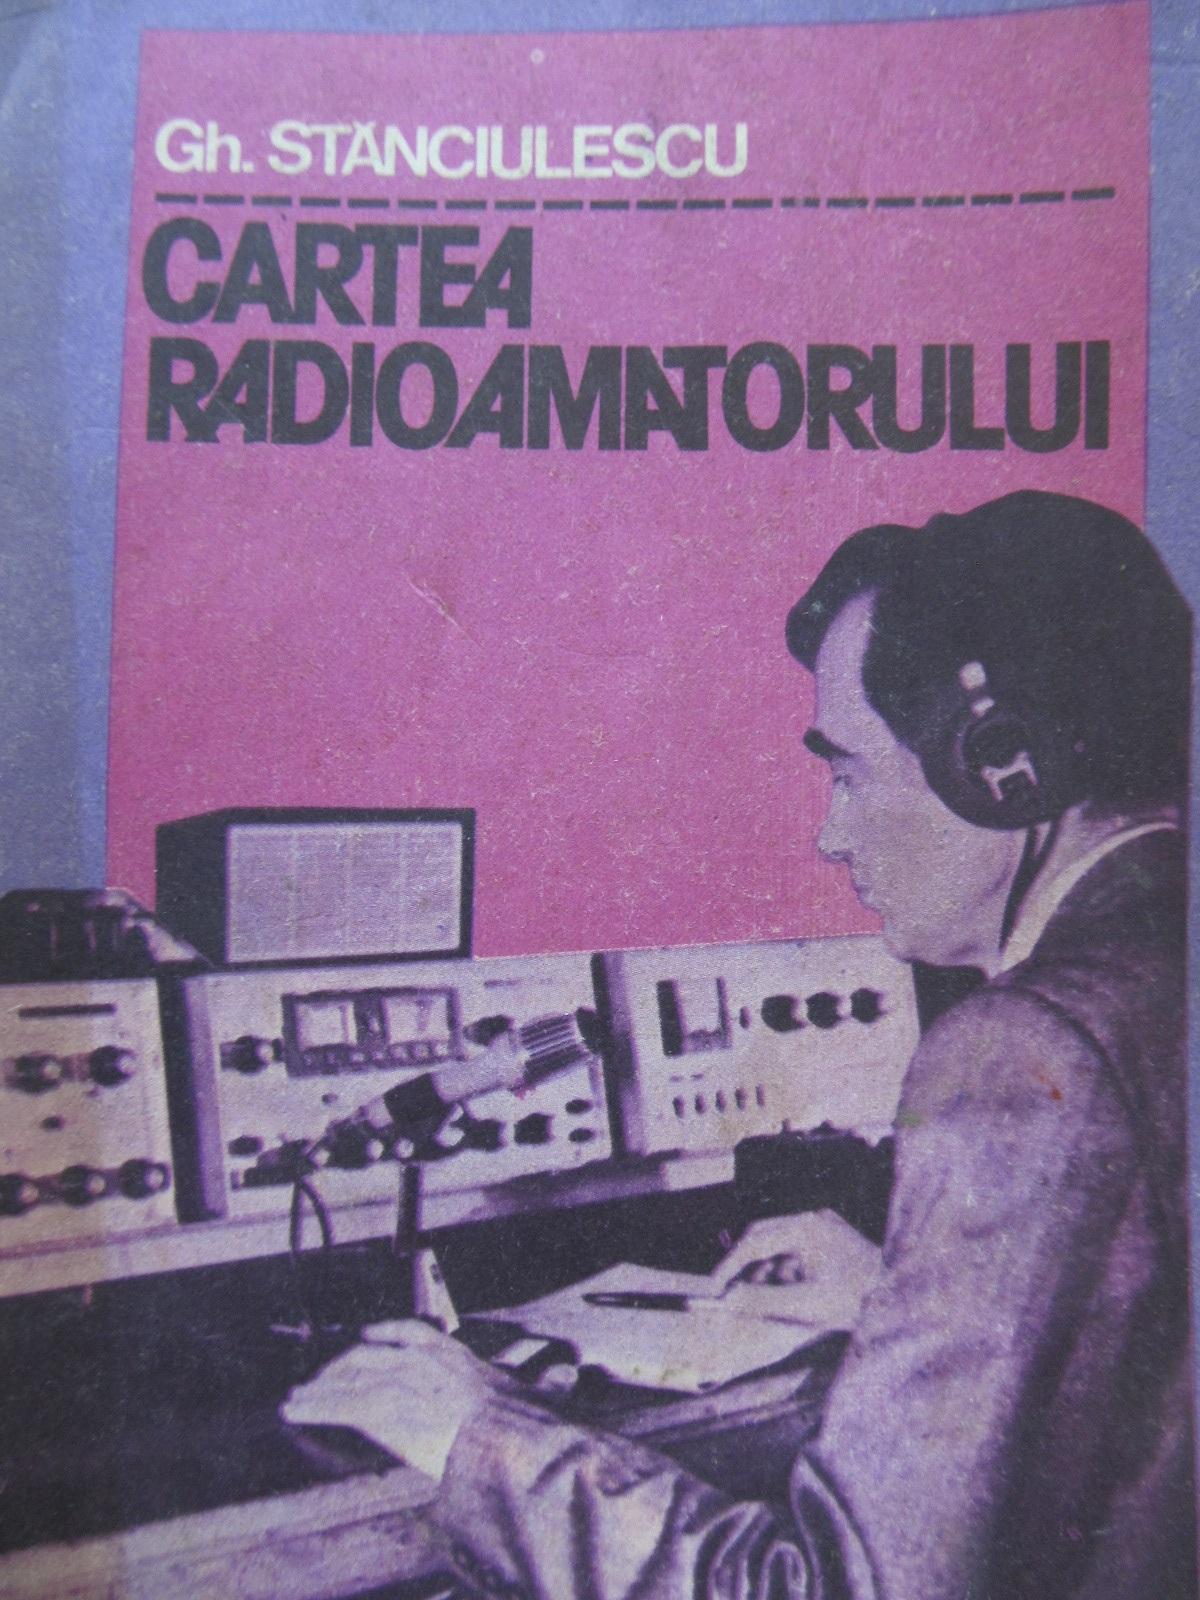 Carte Cartea radioamatorului - Gh. Stanciulescu